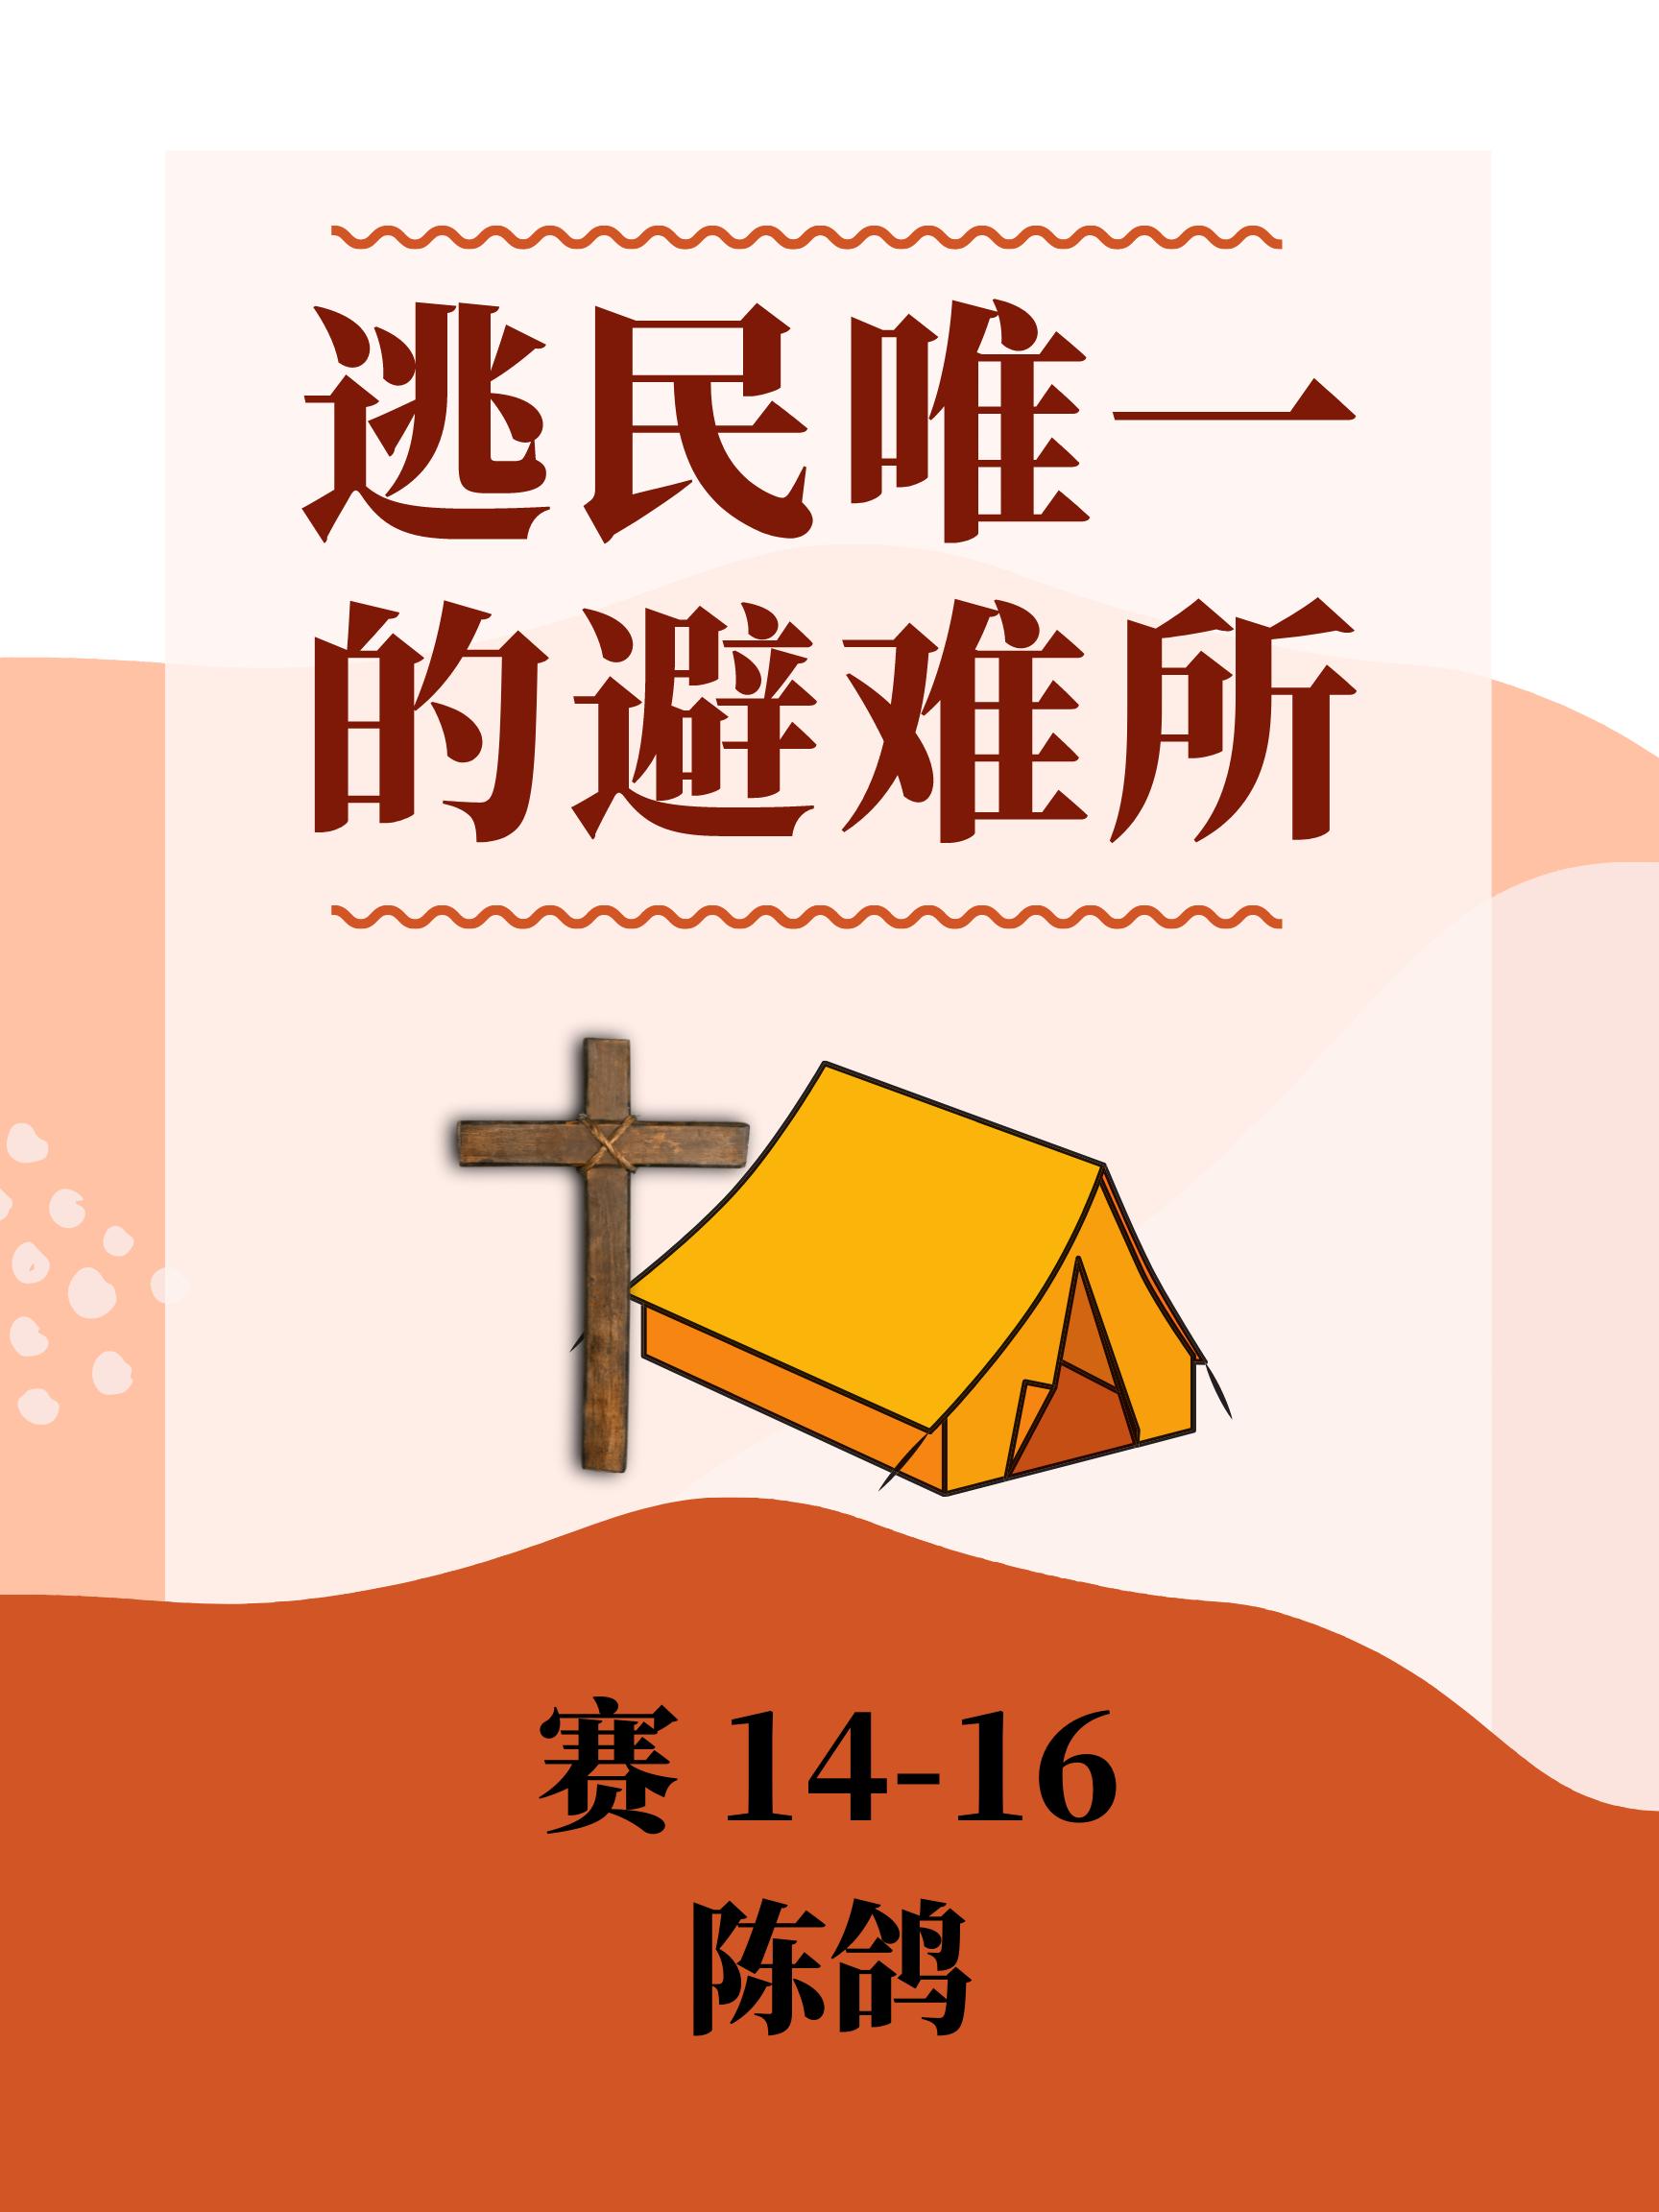 逃民唯一的避难所 (赛 14-16 )